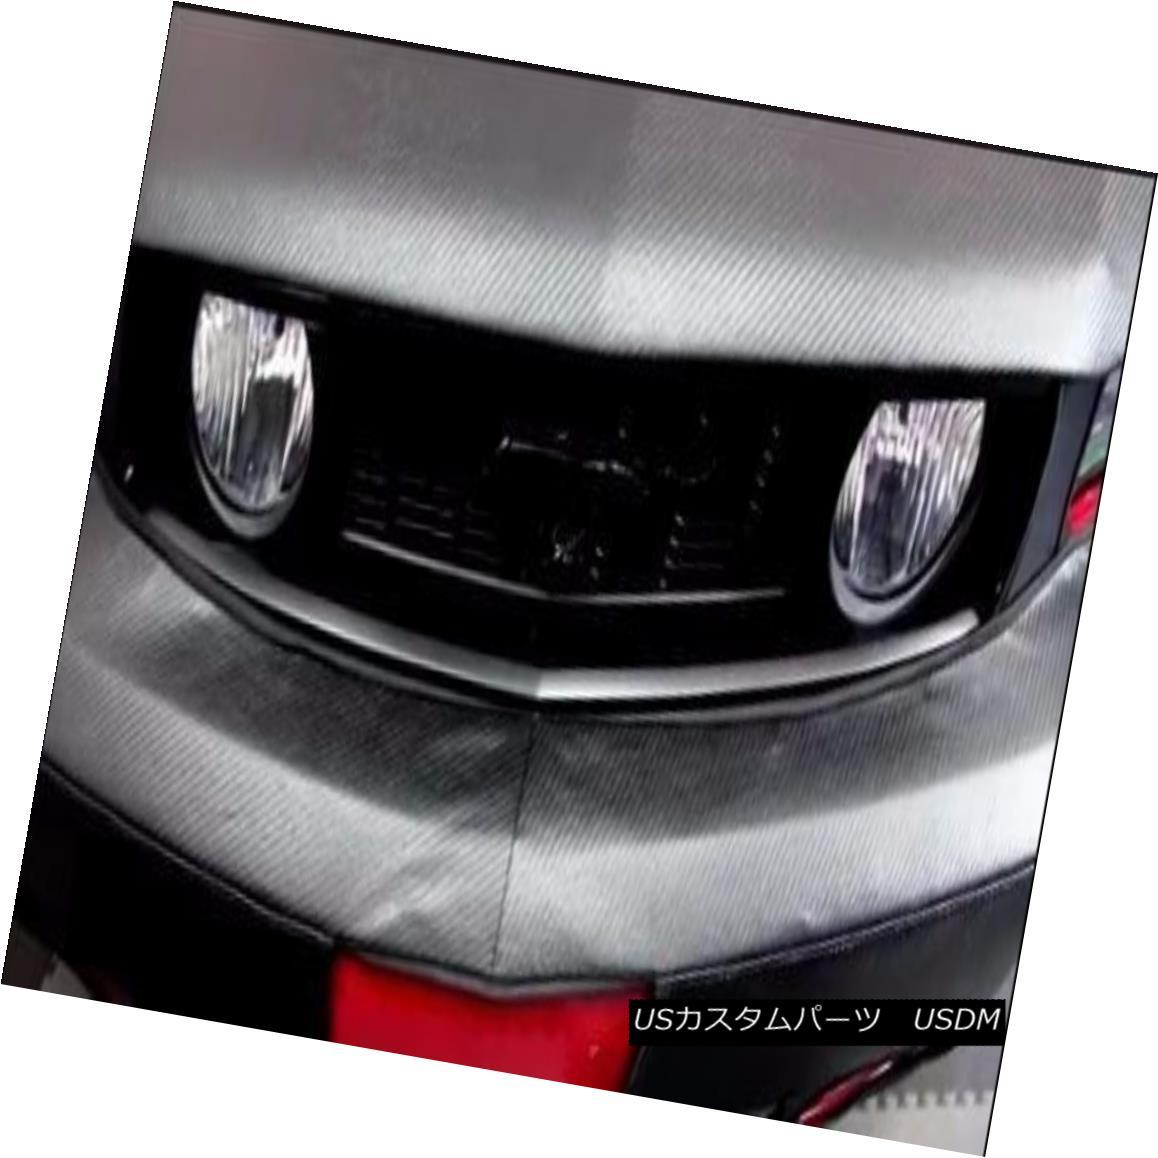 フルブラ ノーズブラ Colgan CF Front End Mask Bra 2pc. Fits Mercedes-Benz C230 Sedan 02-2004 W/O Tag コルガンCFフロントエンドマスクブラ2pc。 メルセデスベンツC230セダン02-2004 W / Oタグに適合